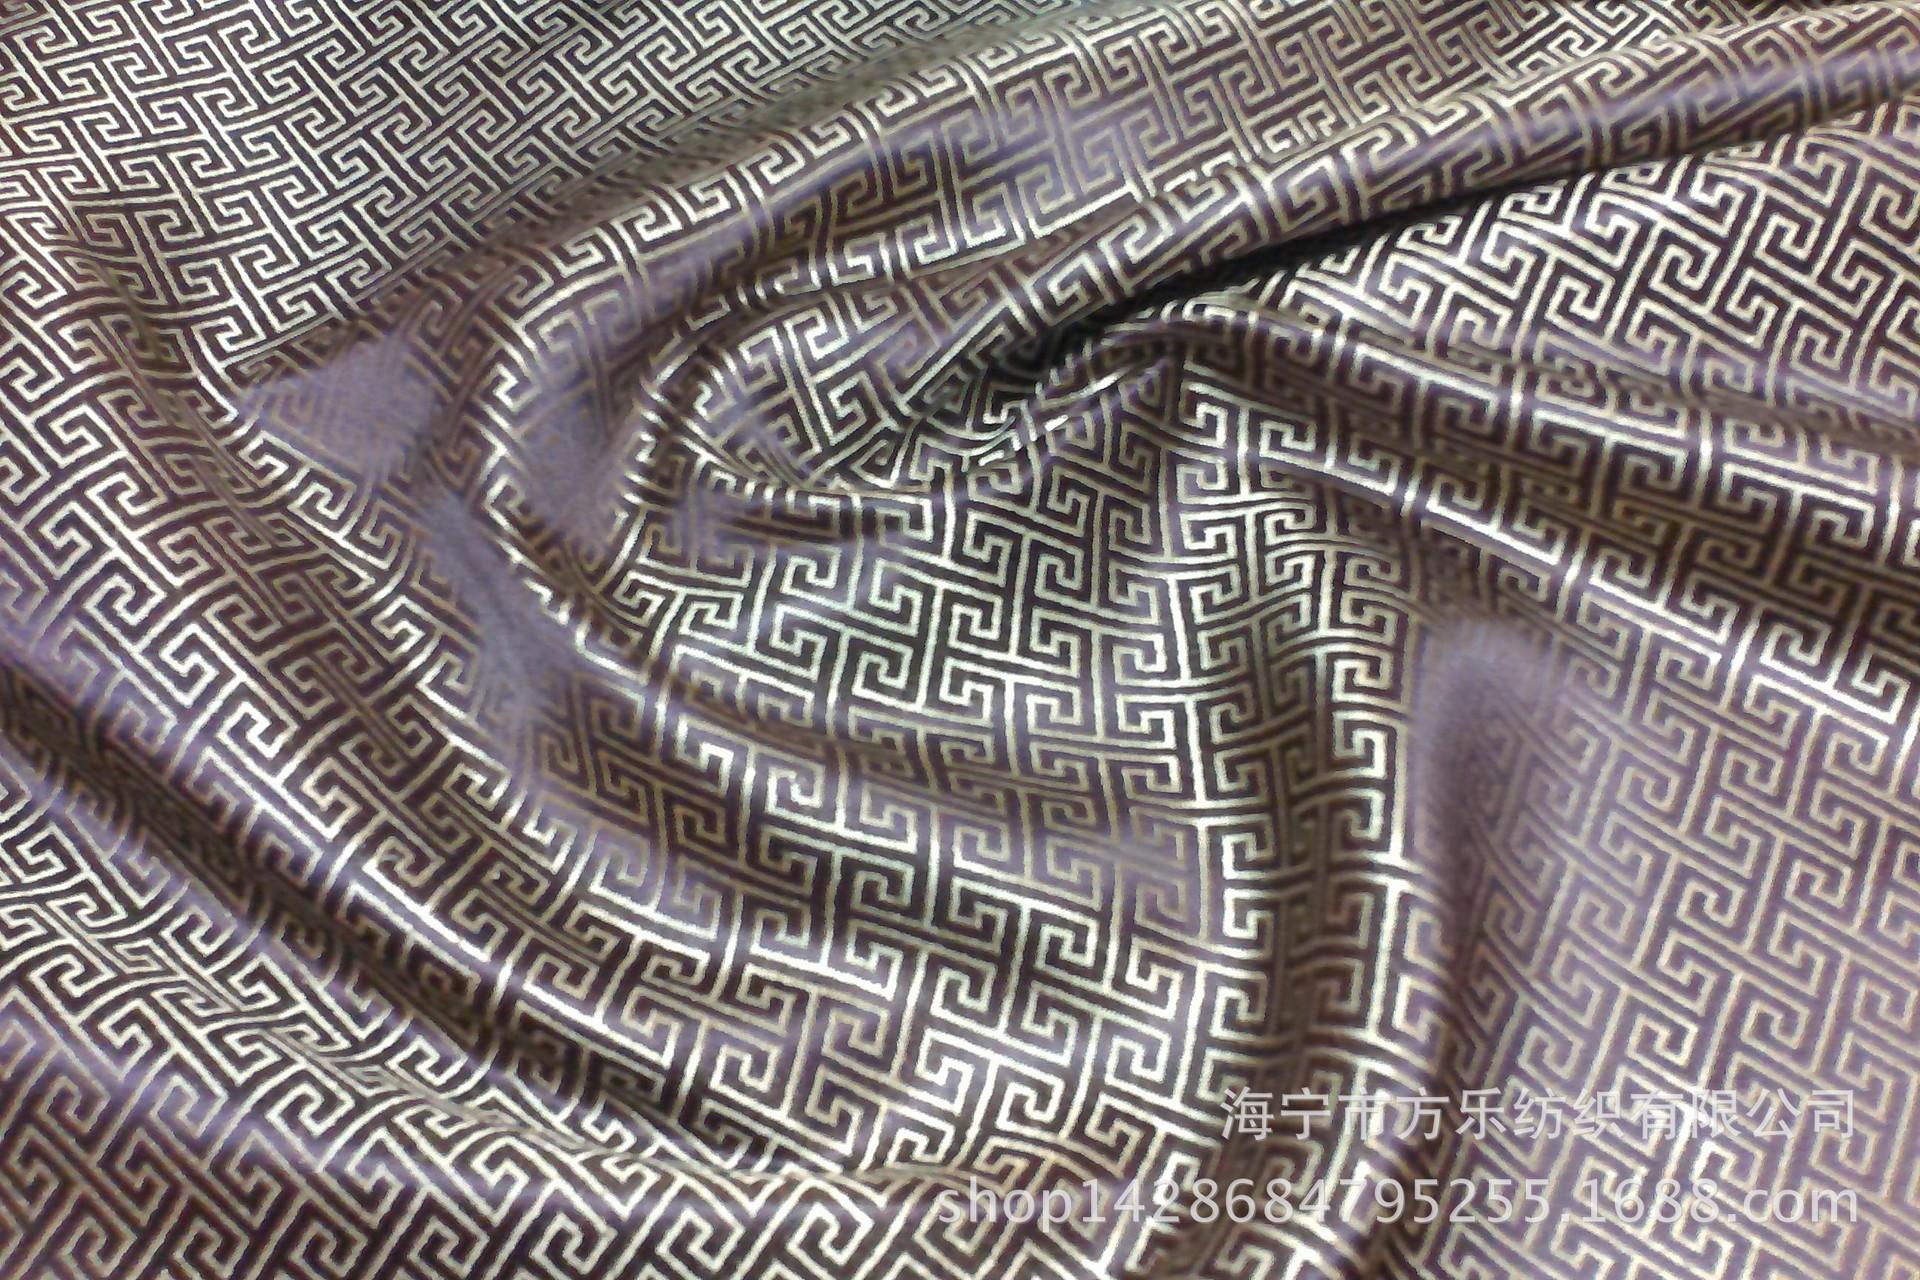 长城格 供应尼龙织锦缎面料 唐装旗袍靠垫包装等丝绸